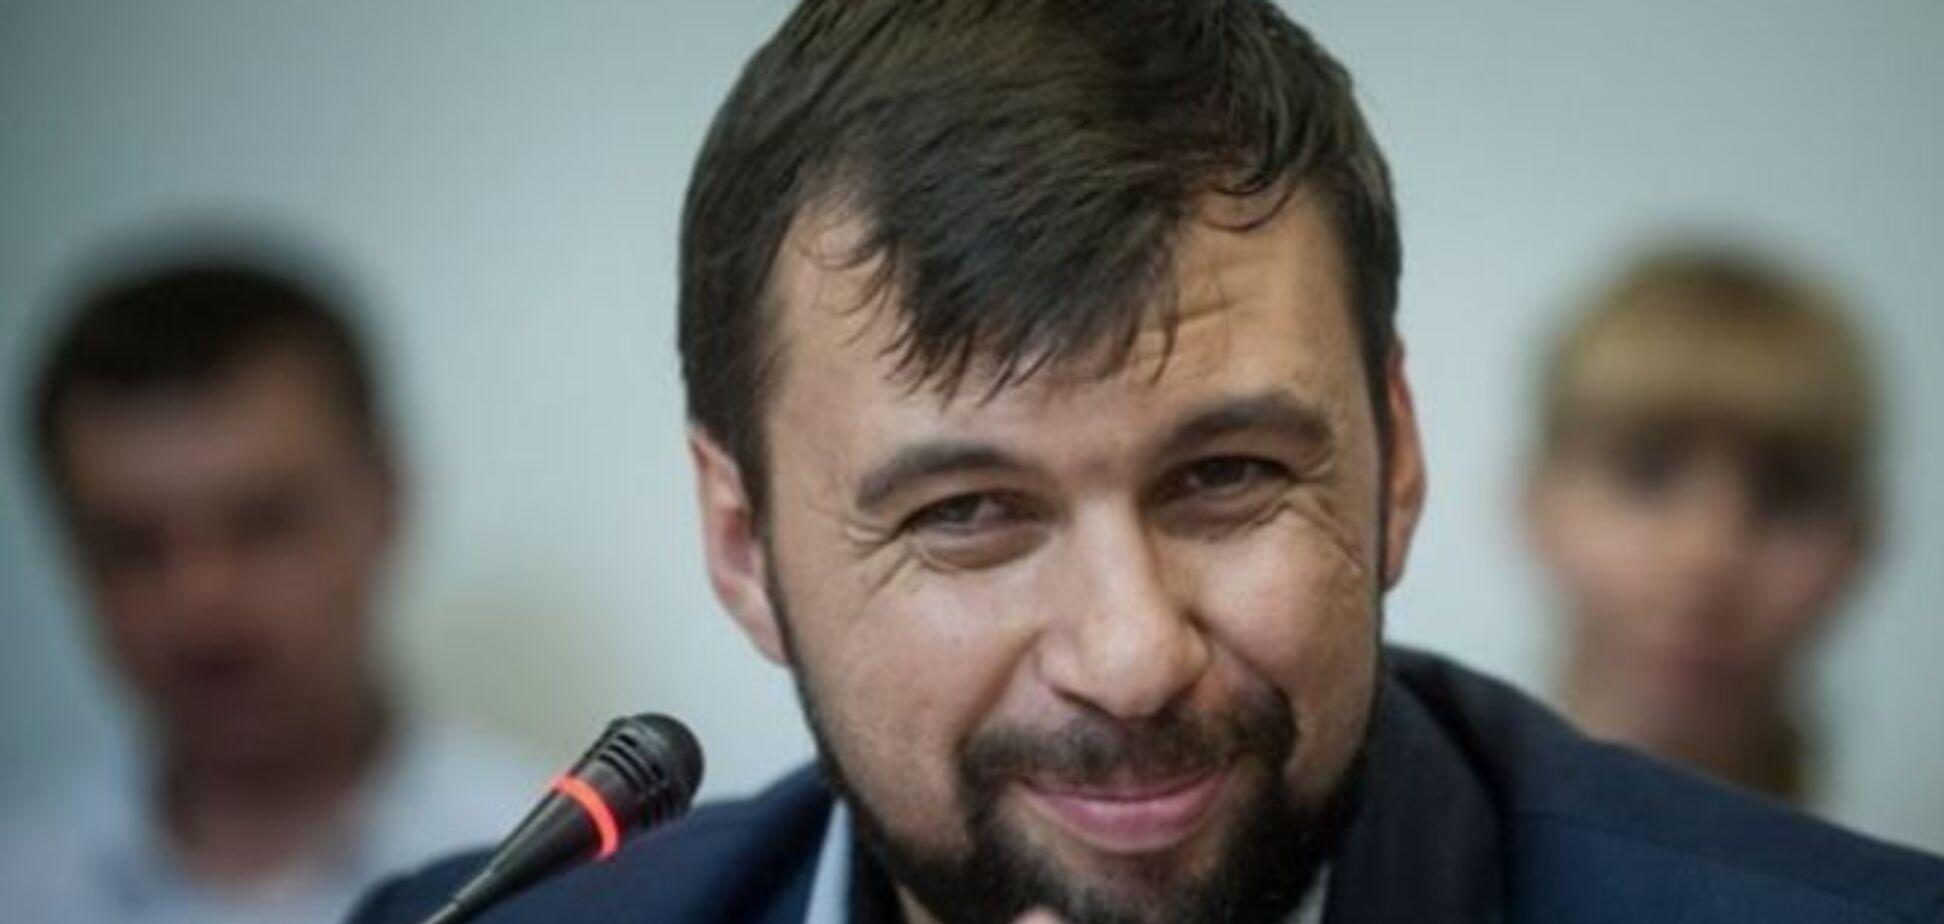 Опомнились: террористы назвали возвращение 'ДНР' и 'ЛНР' в Украину 'самоубийством'